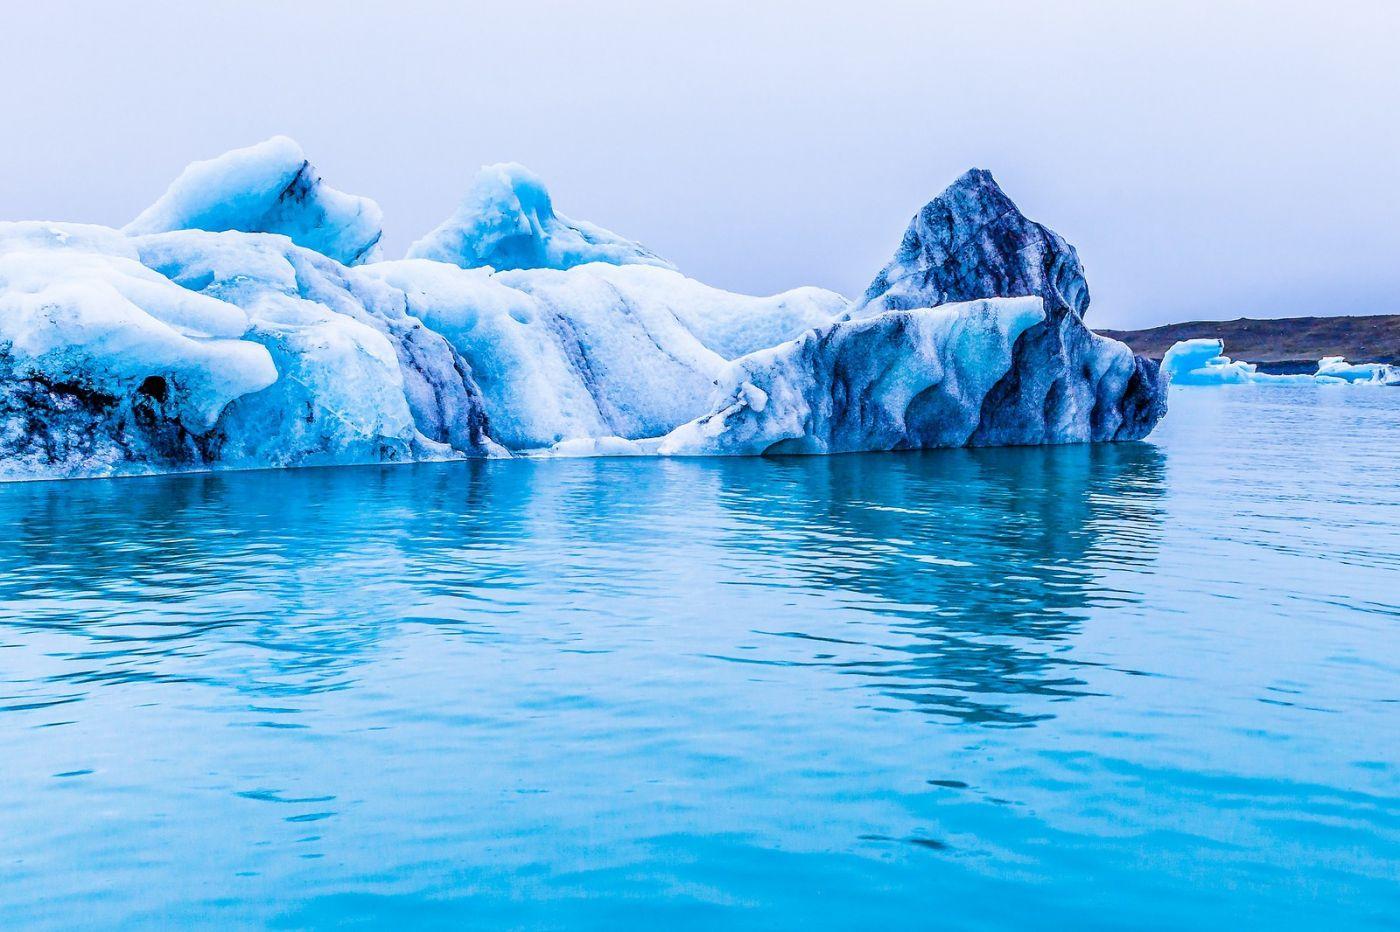 冰岛冰川泻湖(Glacier Lagoon),自然雕塑_图1-4